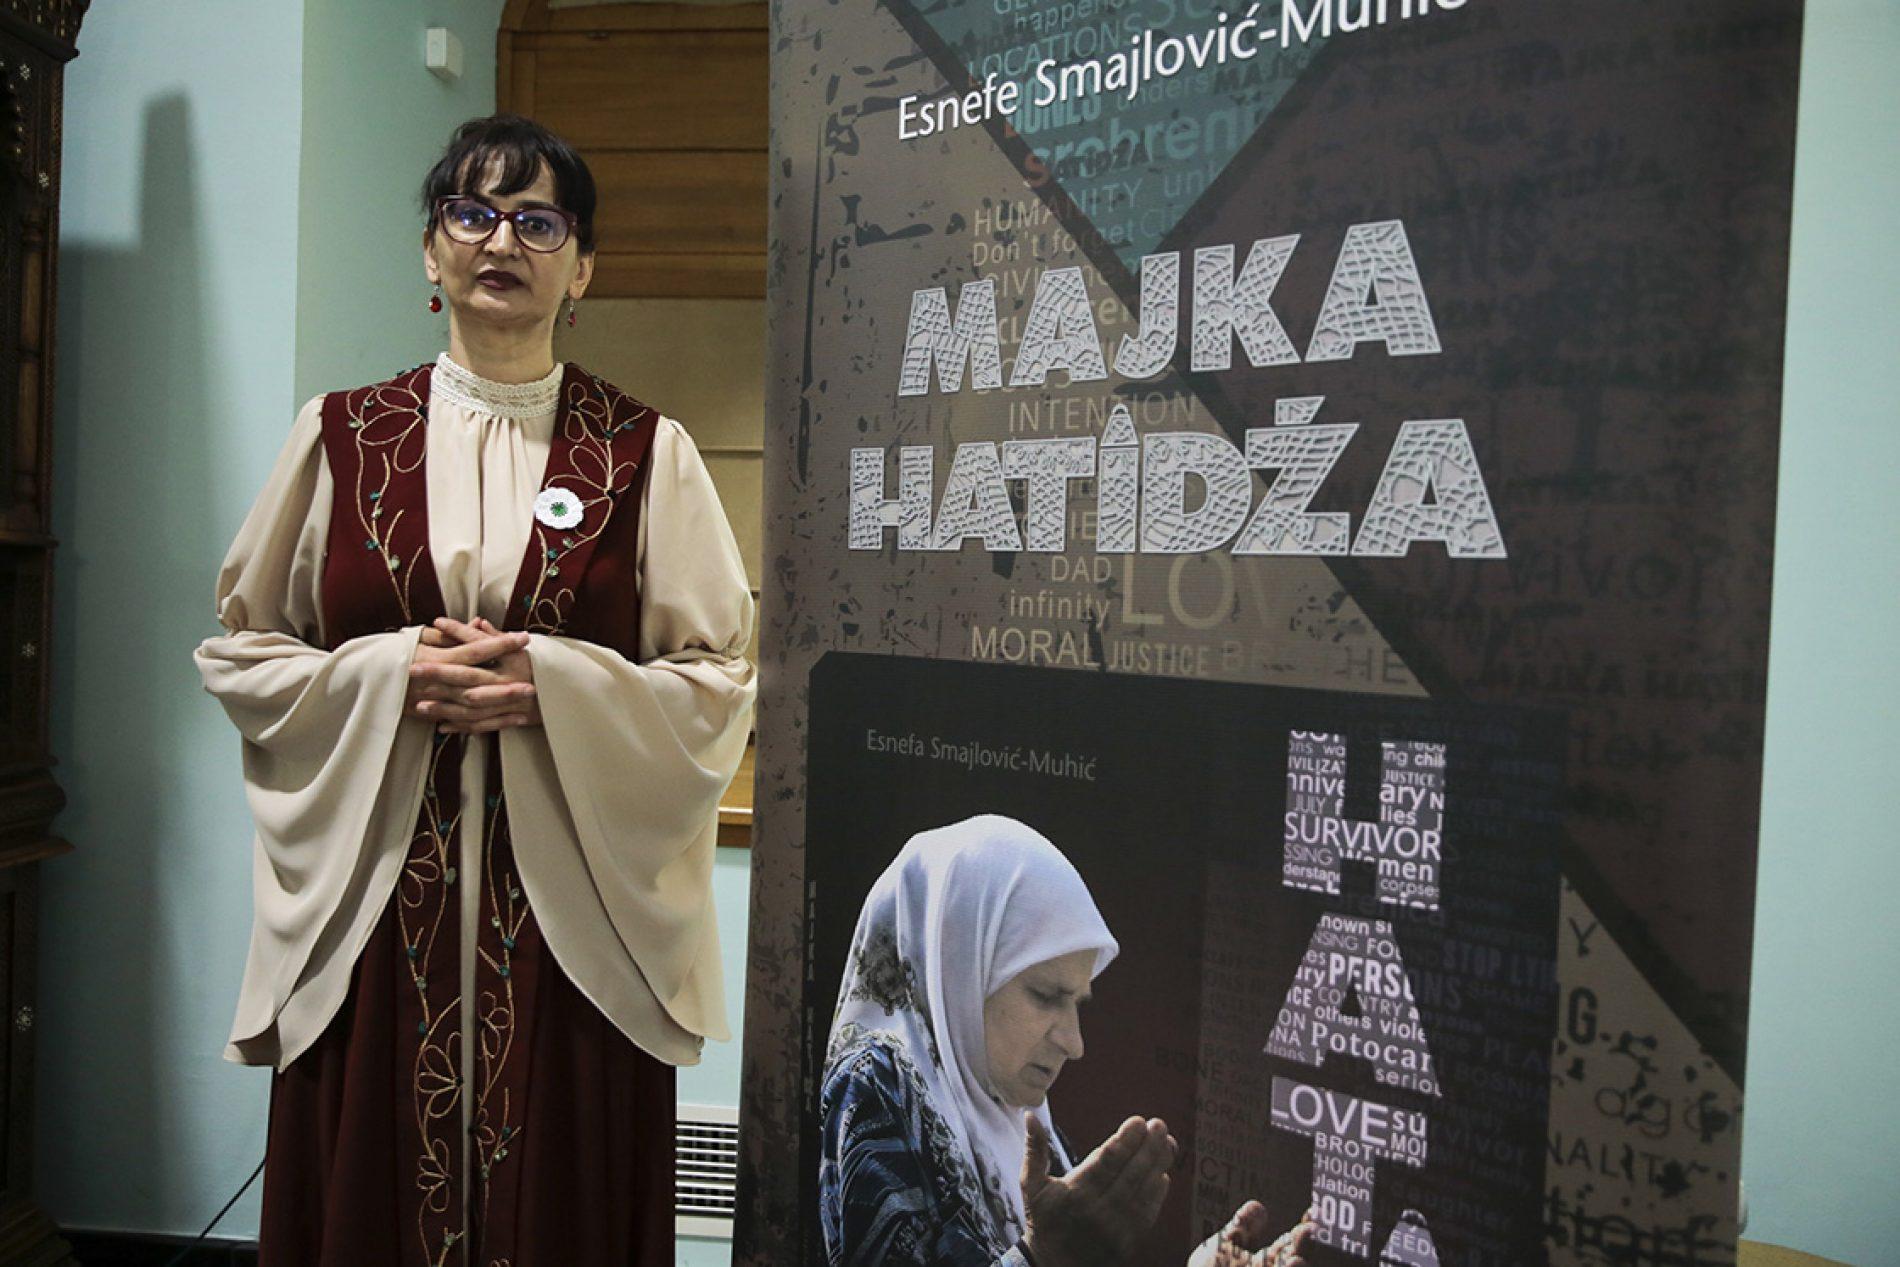 """U Sarajevu održana promocija knjige """"Majka Hatidža"""", autorice Esnefe Smajlović-Muhić"""